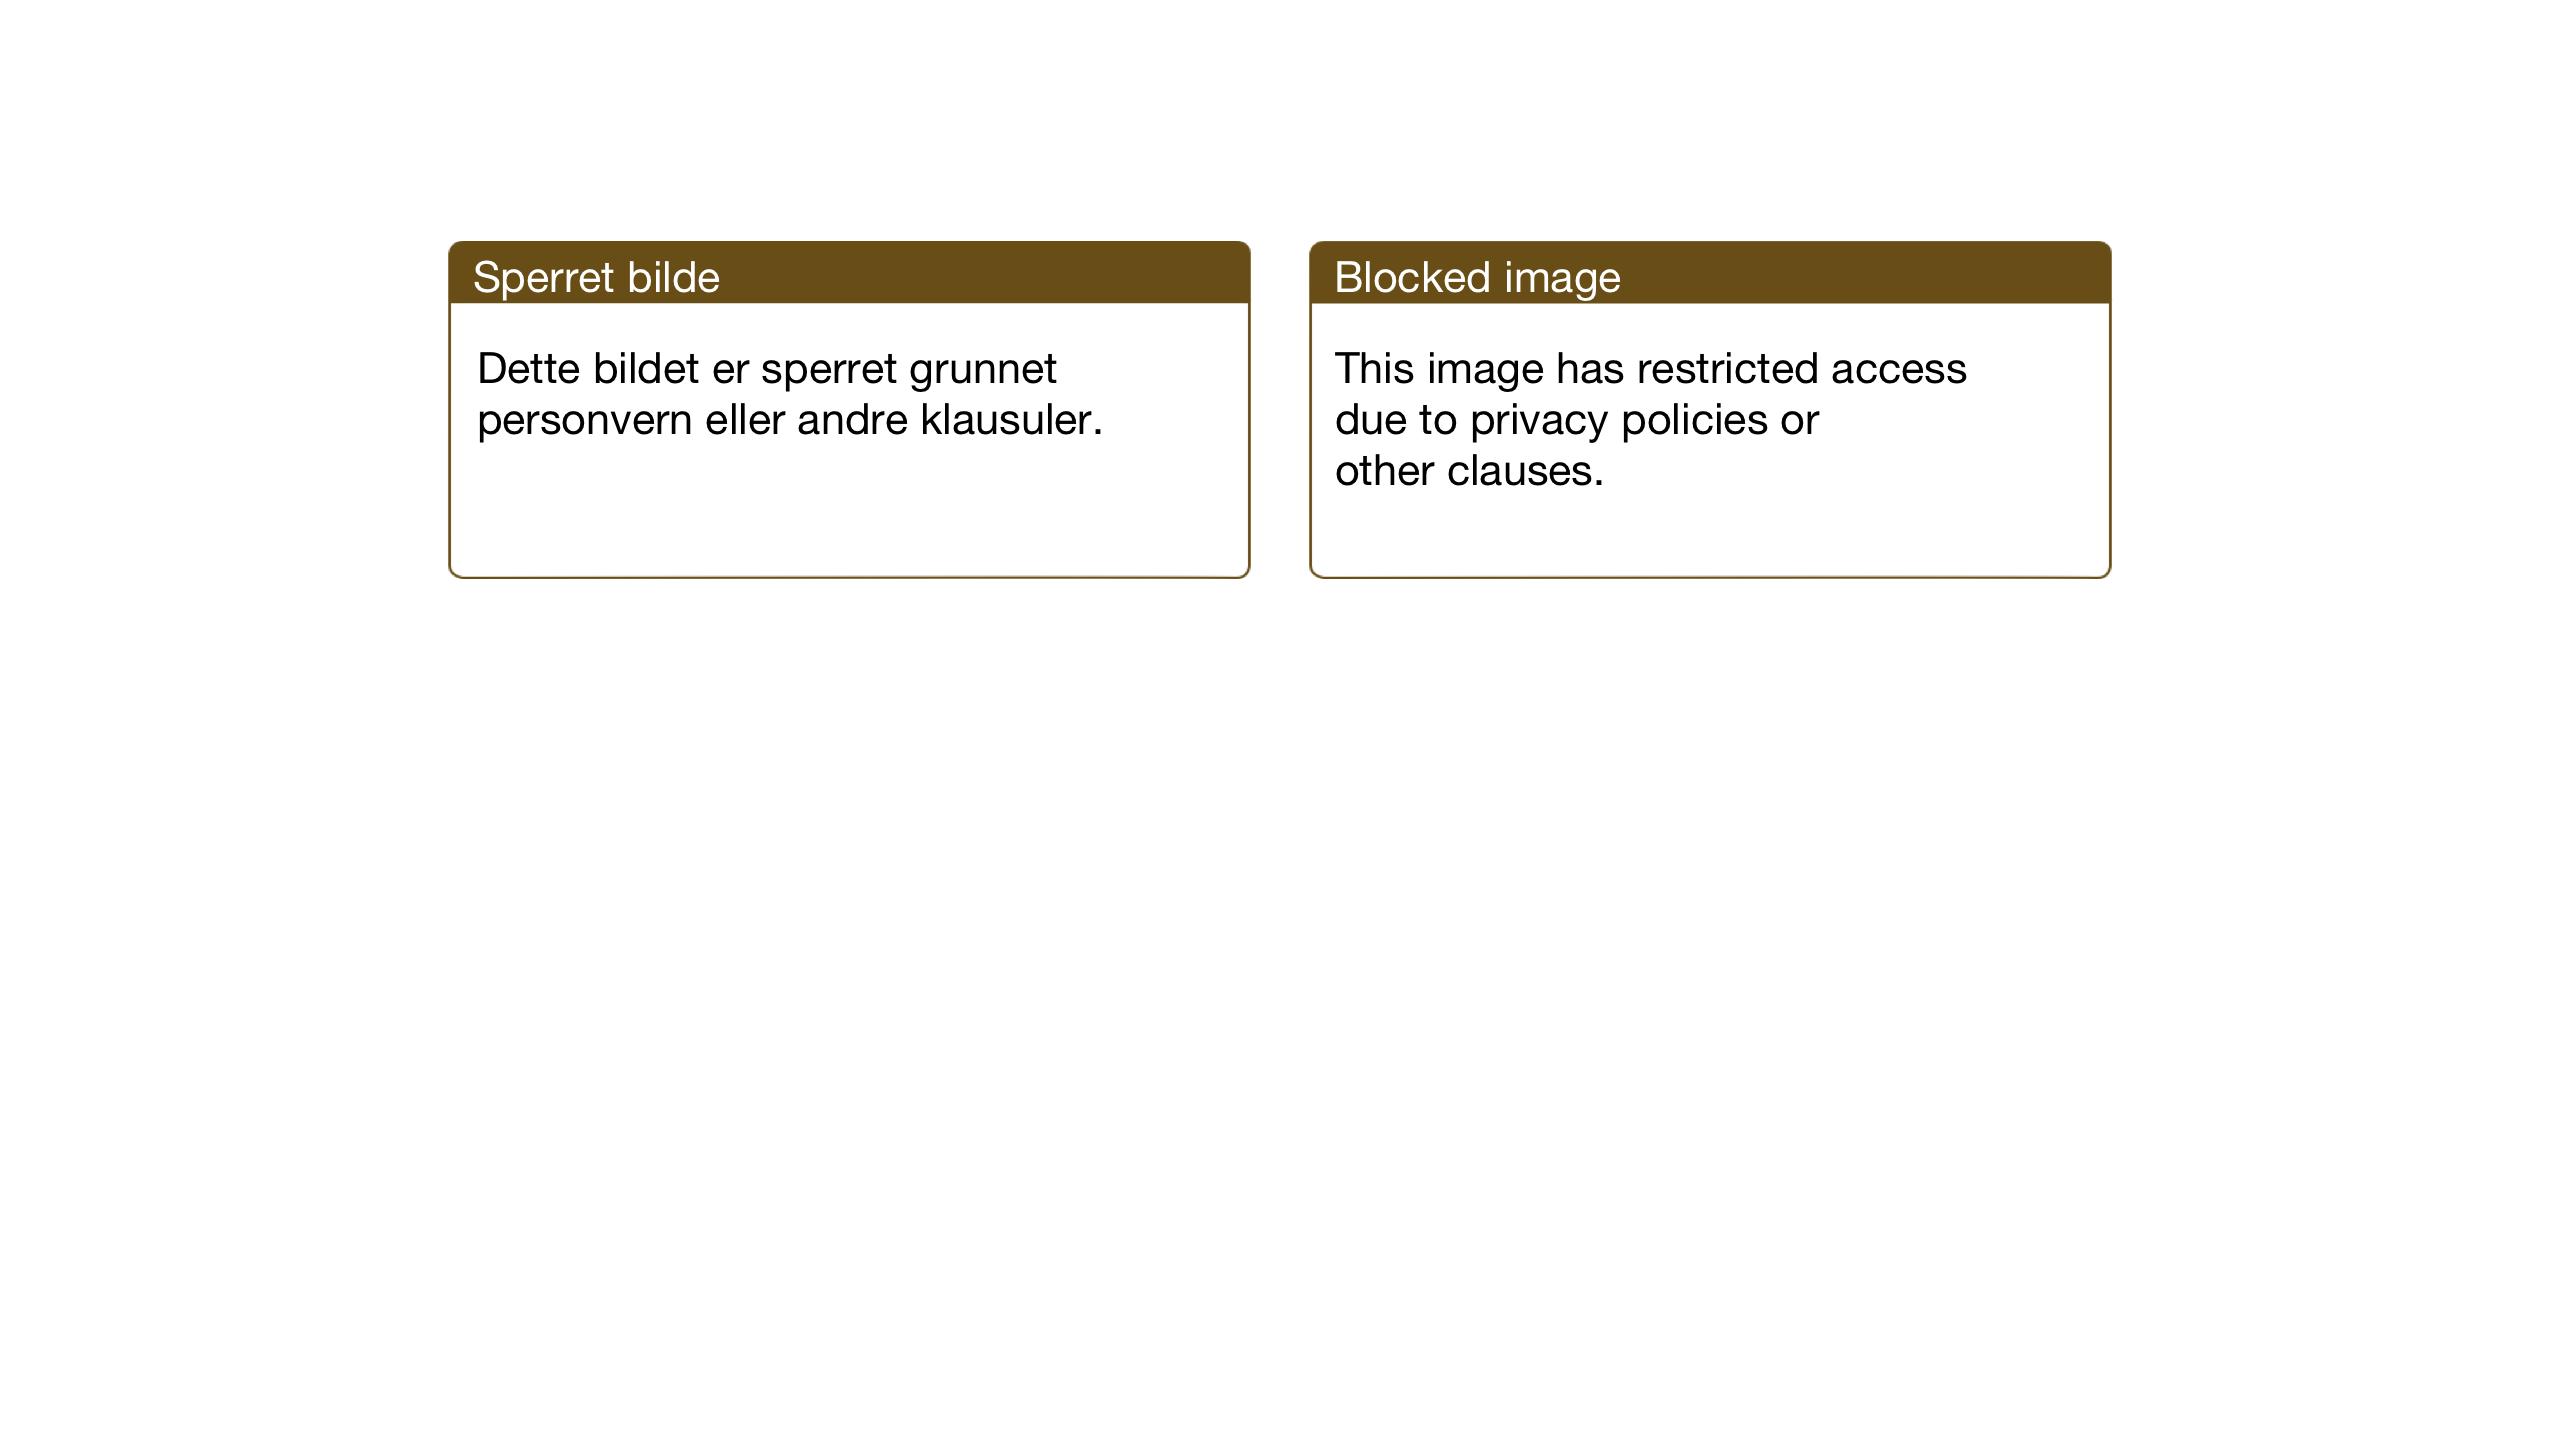 SAT, Ministerialprotokoller, klokkerbøker og fødselsregistre - Nord-Trøndelag, 786/L0689: Klokkerbok nr. 786C01, 1940-1948, s. 6-7